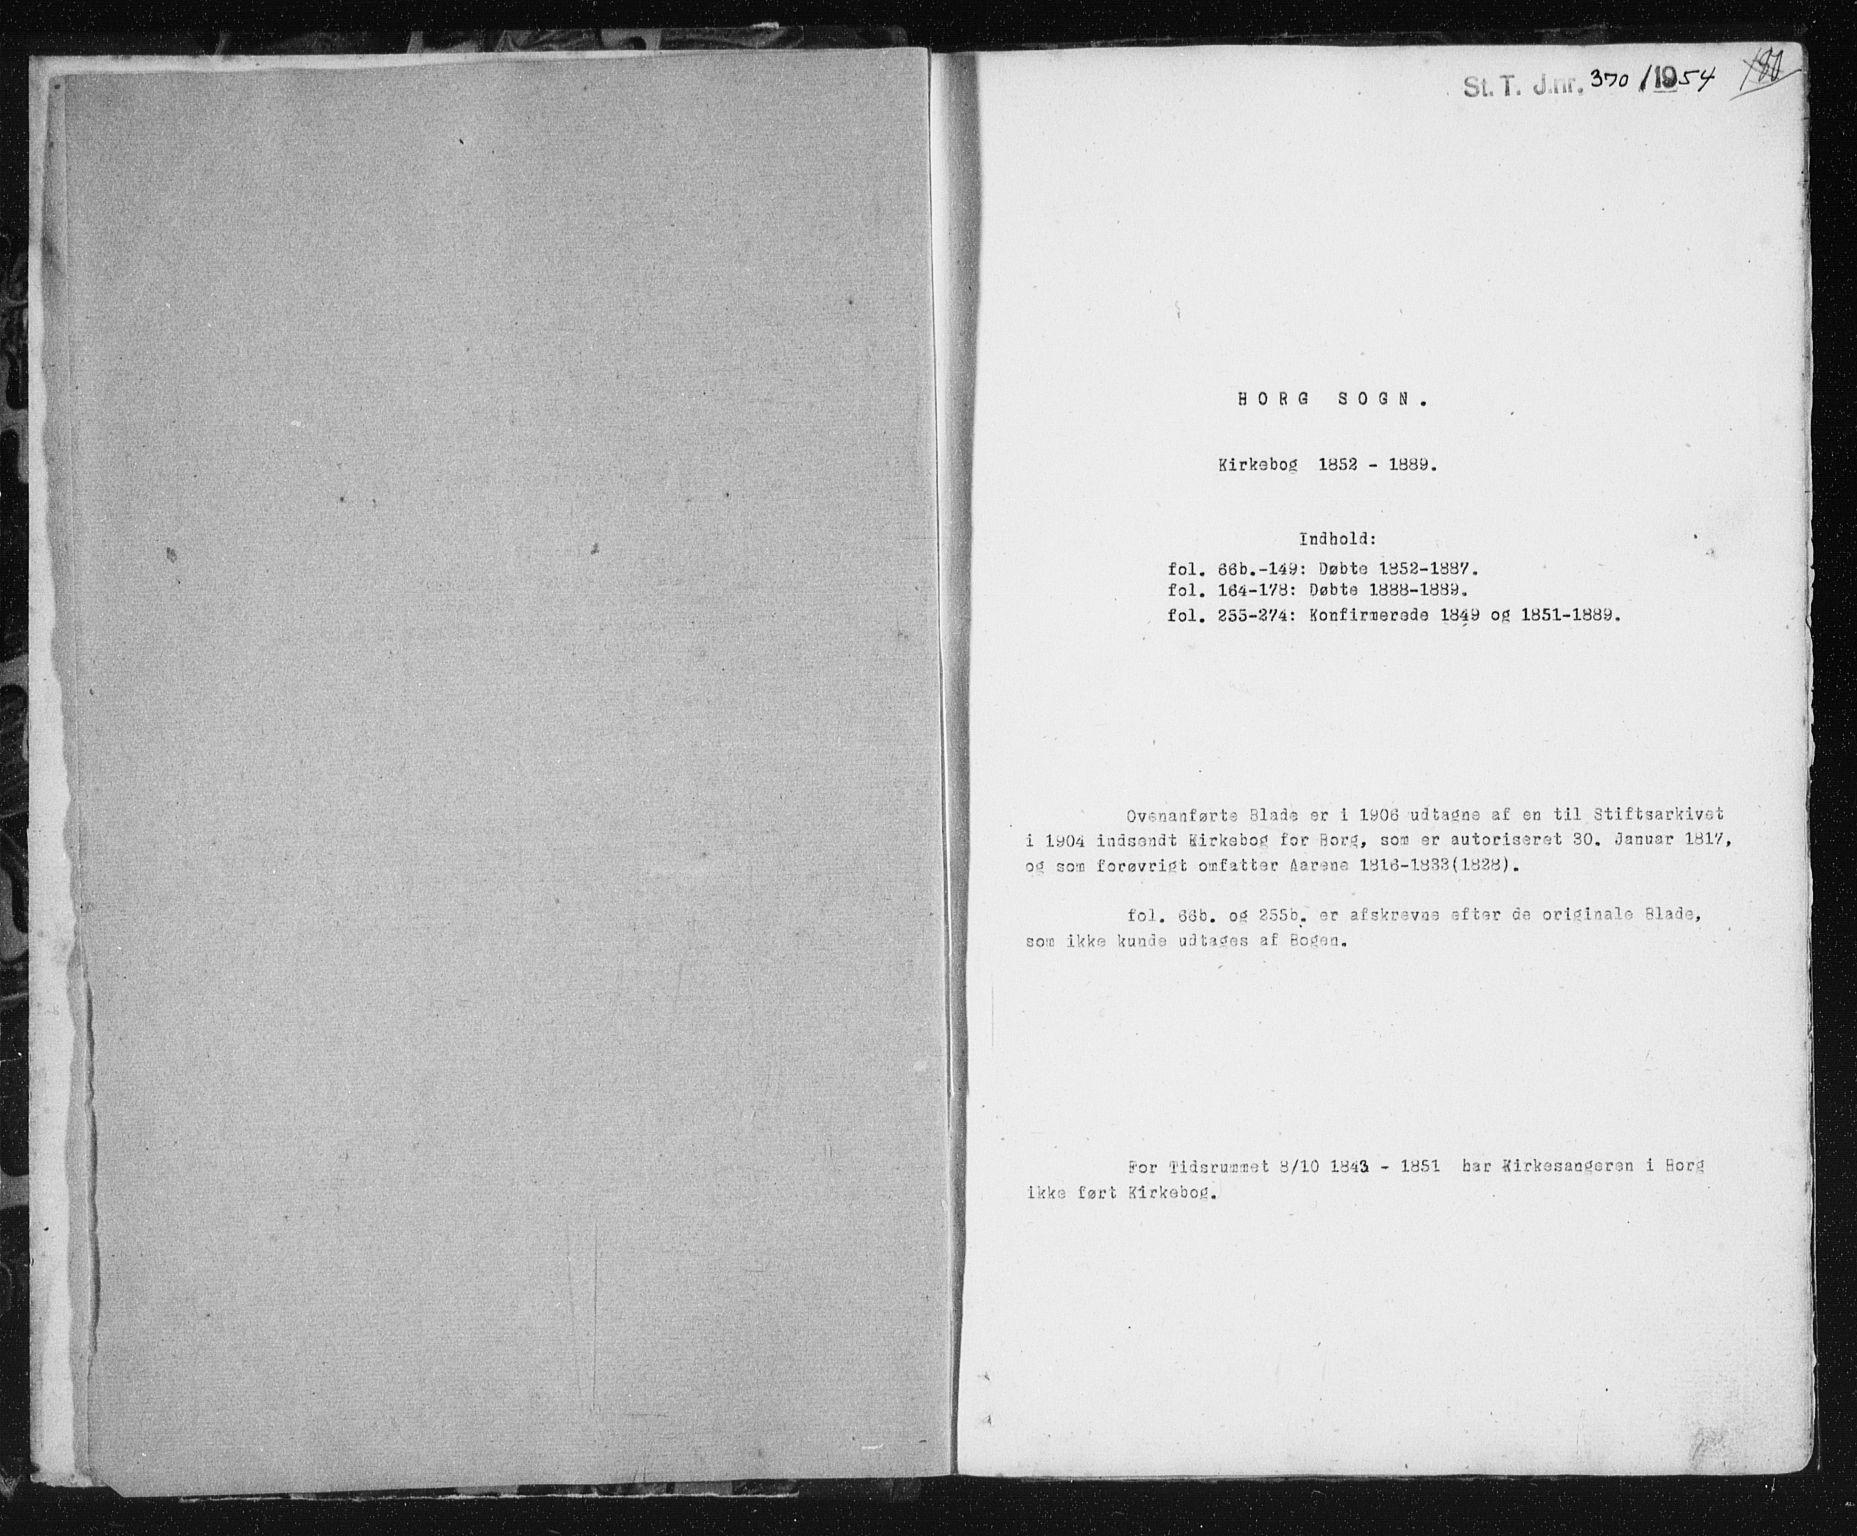 SAT, Ministerialprotokoller, klokkerbøker og fødselsregistre - Sør-Trøndelag, 692/L1110: Klokkerbok nr. 692C05, 1849-1889